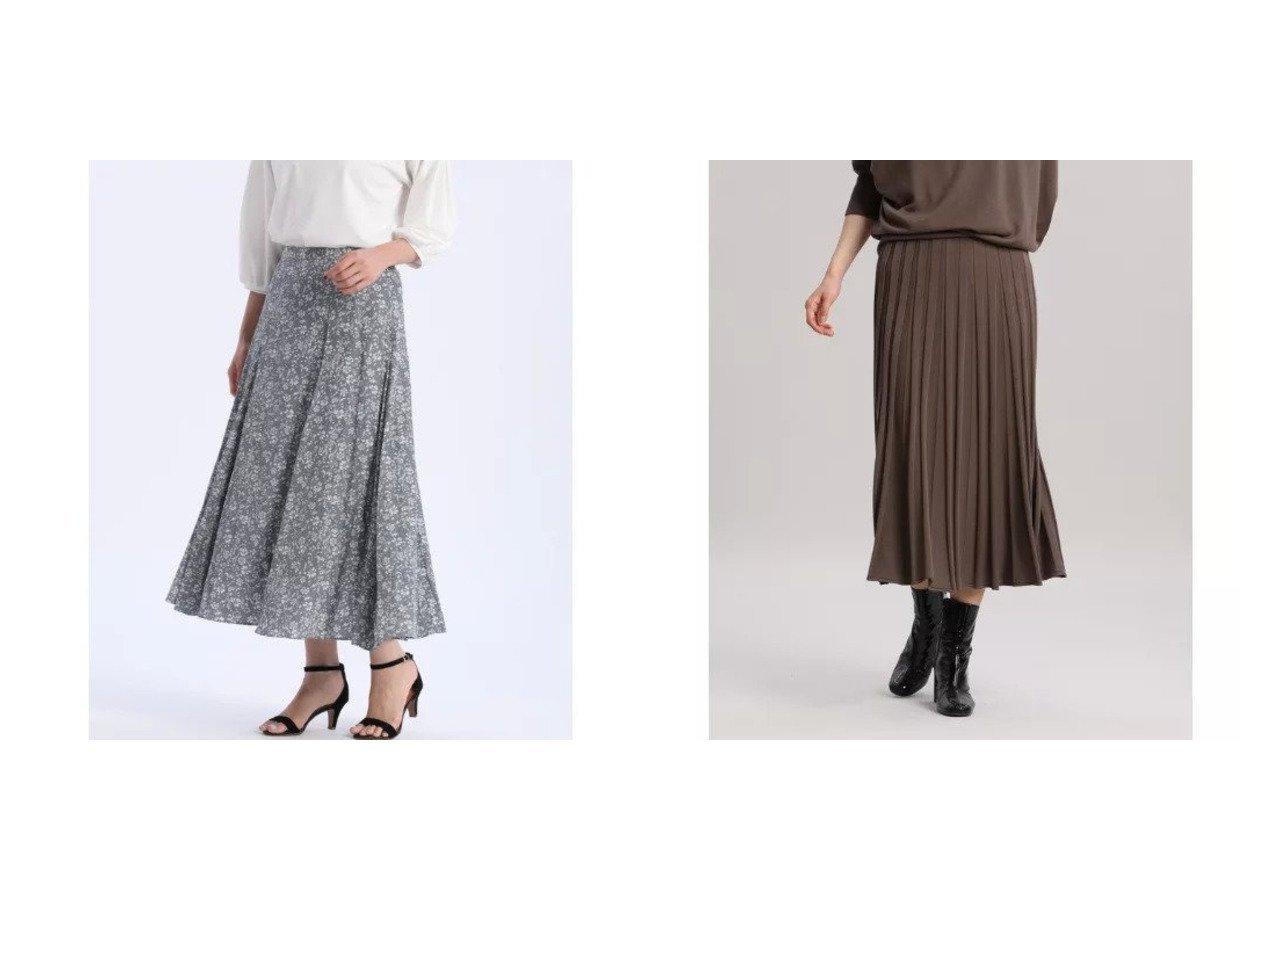 【INED/イネド】のホールガーメント(R)ニットフレアスカート《Cuoo》&【7-IDconcept/セブンアイディコンセプト】のプリントフレアスカート 【スカート】おすすめ!人気、トレンド・レディースファッションの通販 おすすめで人気の流行・トレンド、ファッションの通販商品 インテリア・家具・メンズファッション・キッズファッション・レディースファッション・服の通販 founy(ファニー) https://founy.com/ ファッション Fashion レディースファッション WOMEN スカート Skirt Aライン/フレアスカート Flared A-Line Skirts エアリー セットアップ ドレープ フレア プリント ポケット アクリル 吸水 プリーツ ホールガーメント 冬 Winter 夏 Summer  ID:crp329100000065214